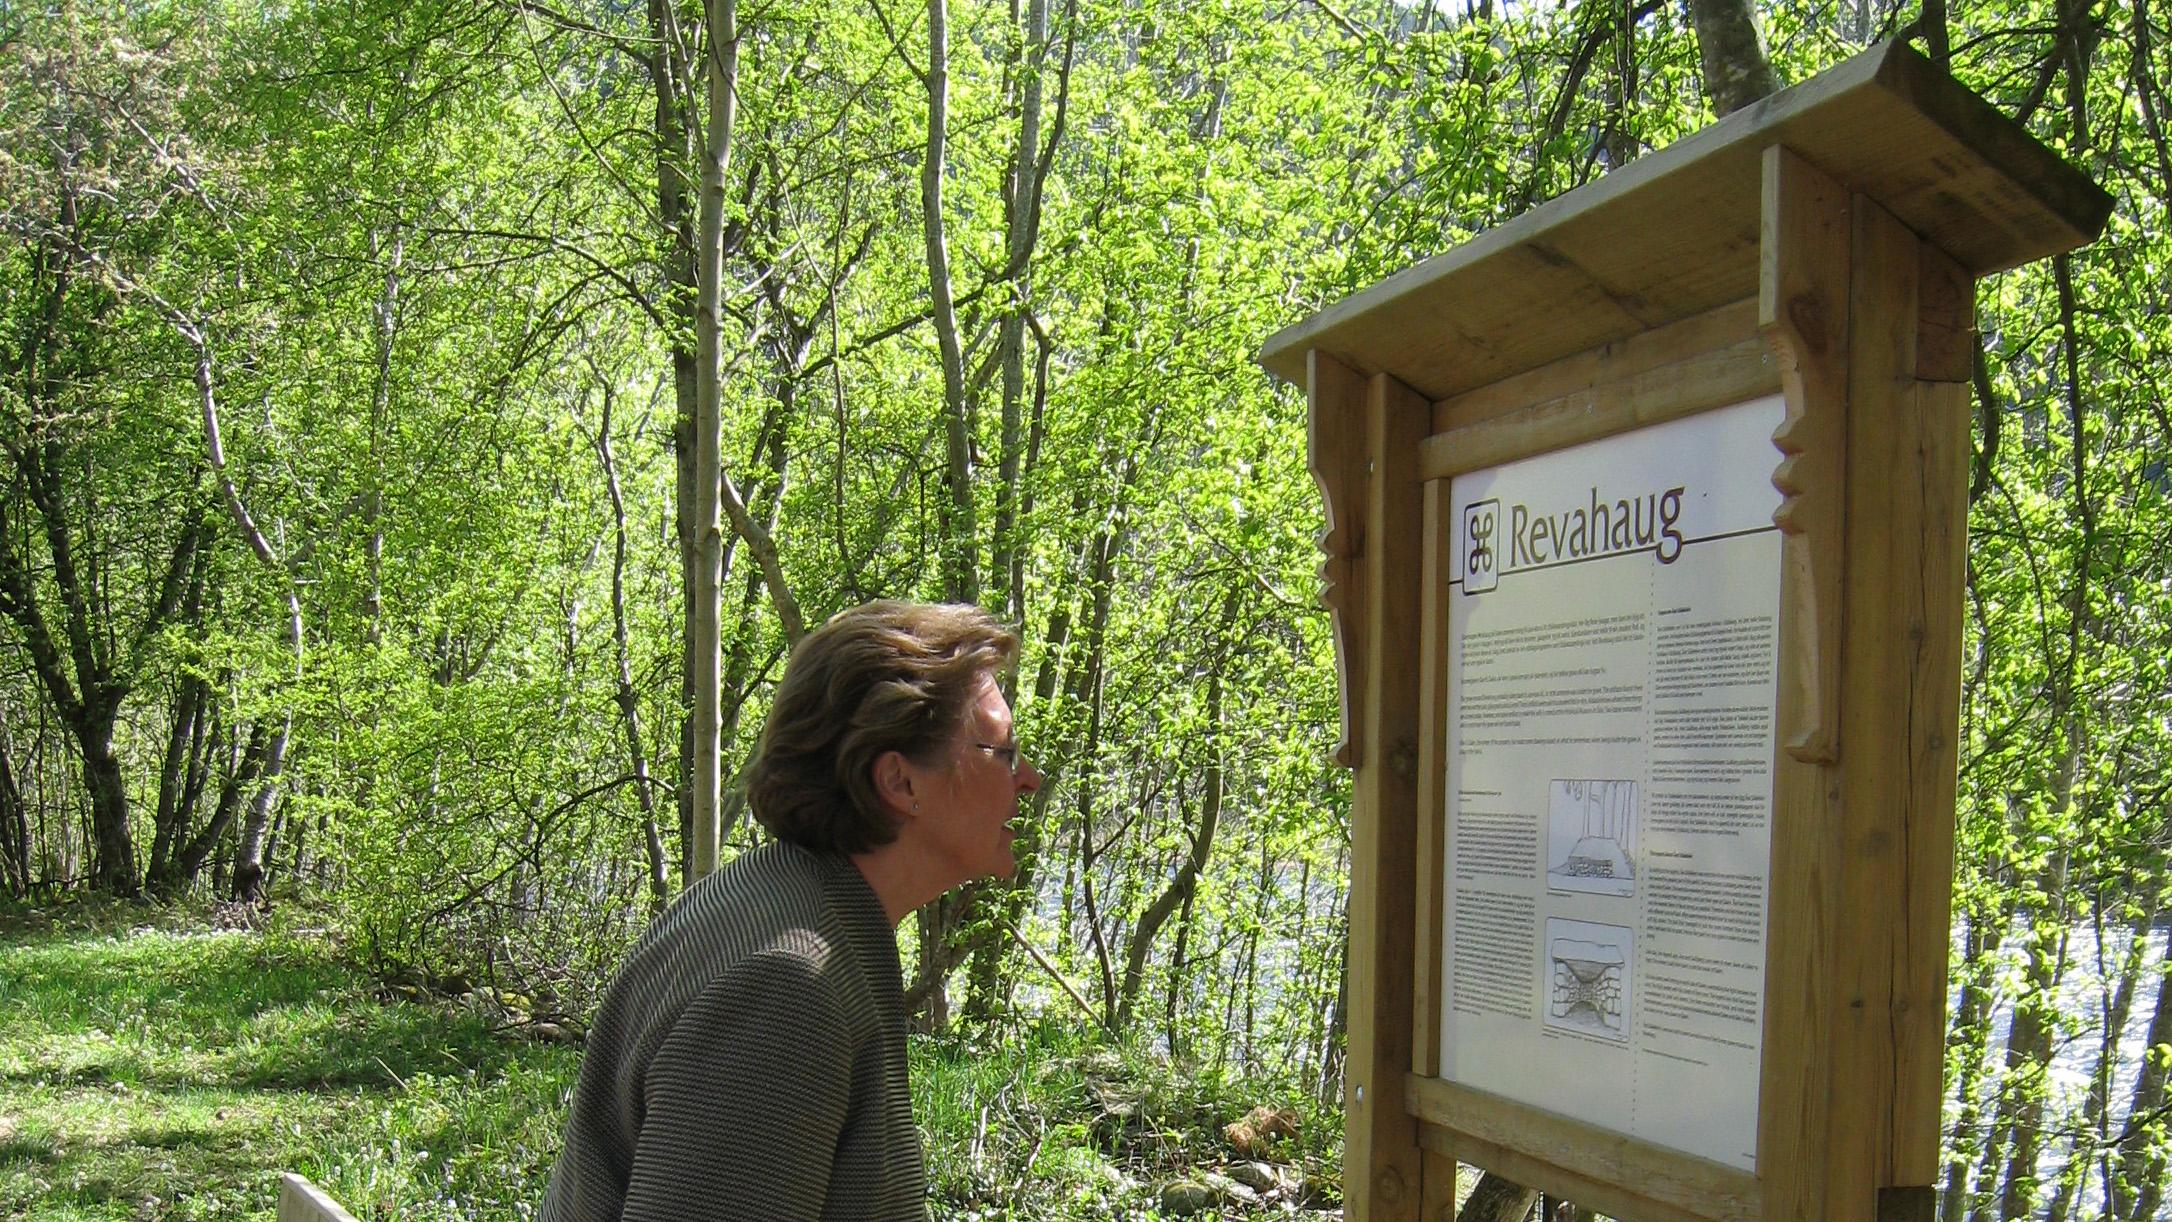 På Dalen ligg ein gravhaug som er kalla Revahaug. Soga vil ha det til at ein av sønene til Åse er gravlagd her. Ved Revahaug står det ei tavle med informasjon om gravhaugen. (Ein må gå hit. Vend deg til turistkontoret)